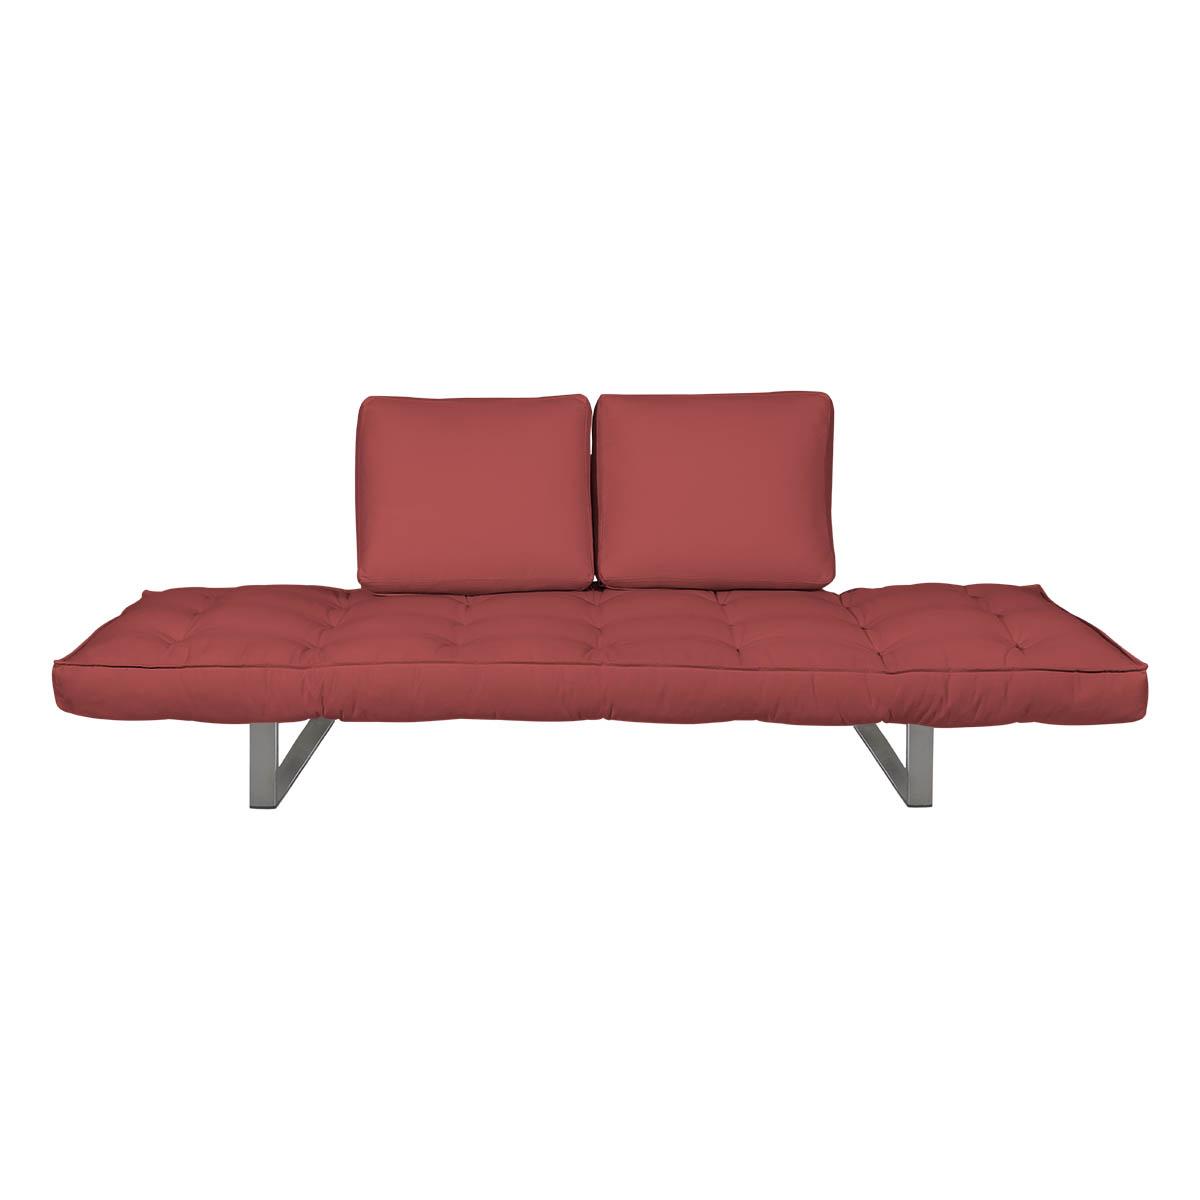 Sofa Cama Solteiro Futon Company